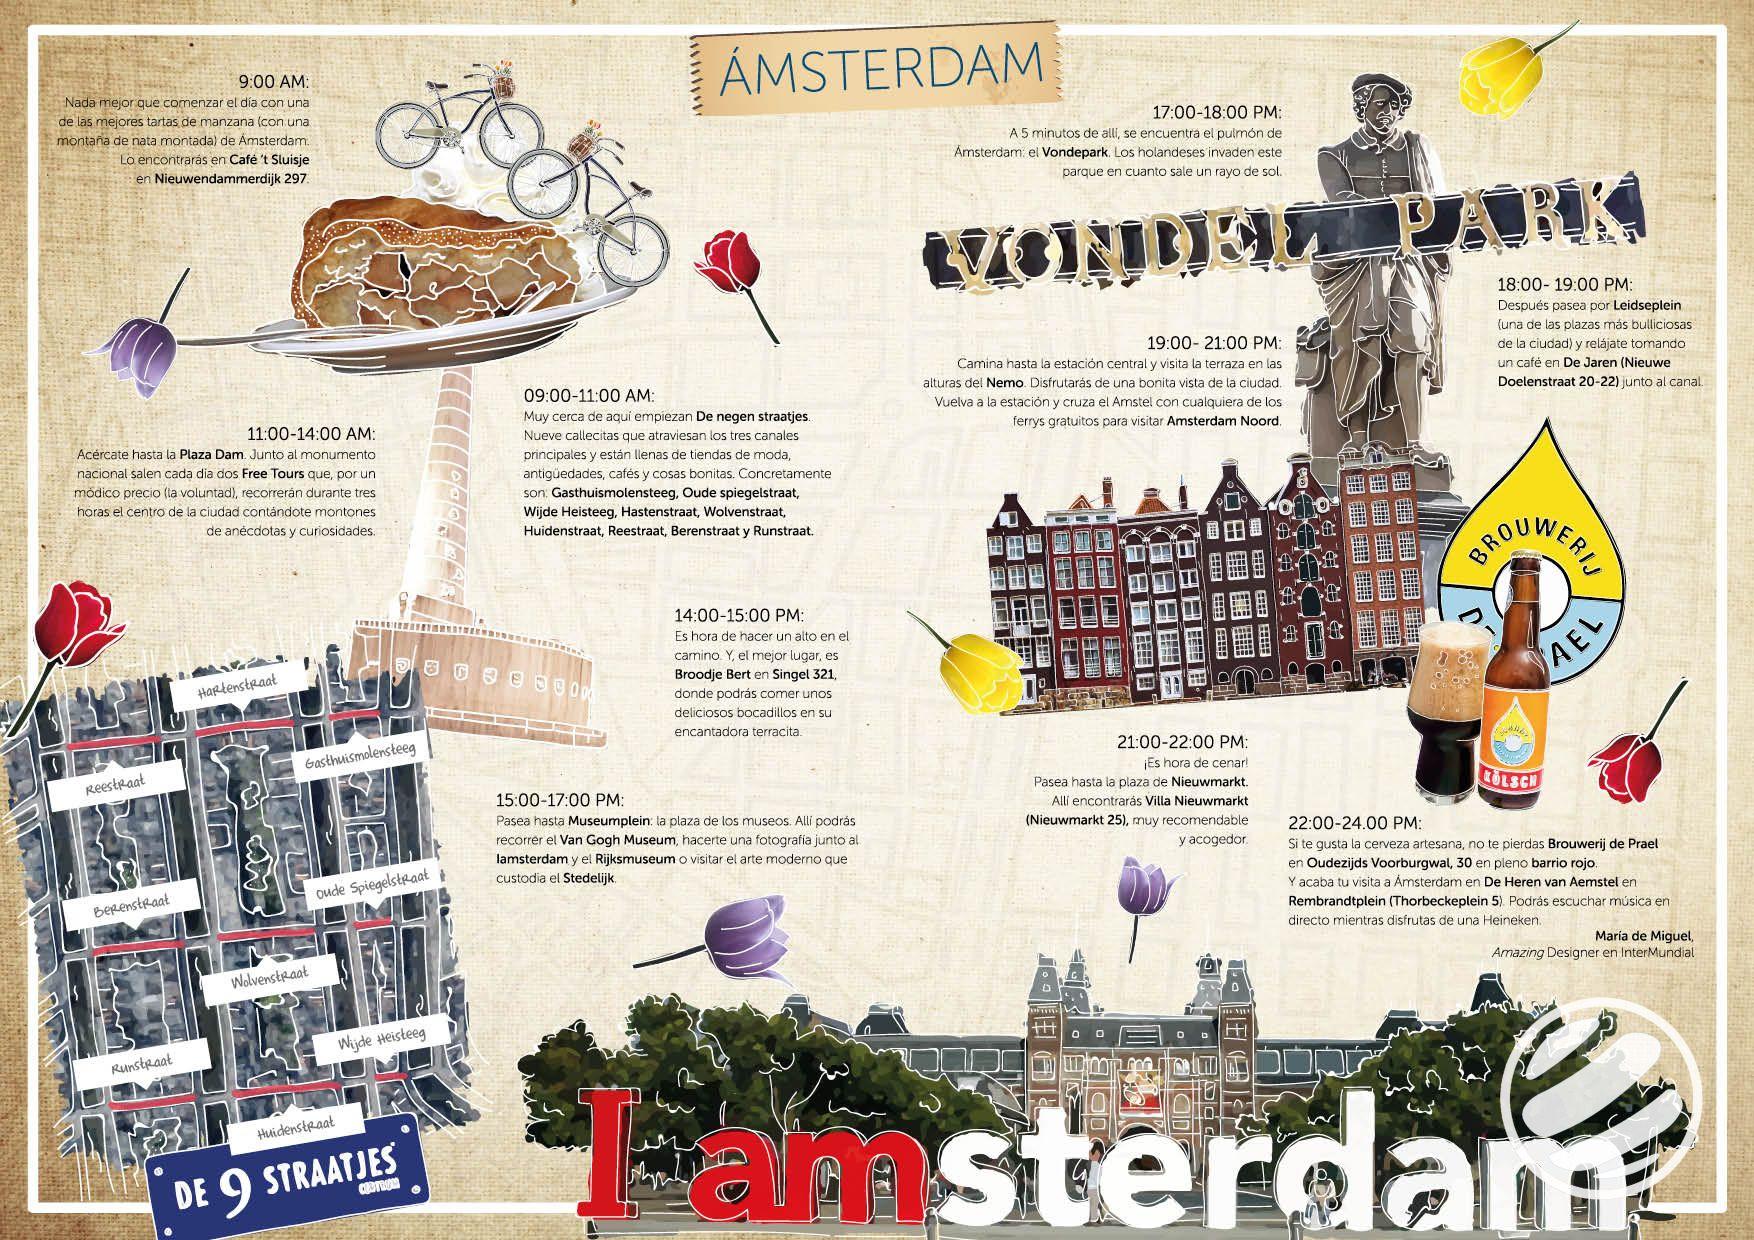 Guía De Viaje Para Conocer Amsterdam En Un Día Amsterdam Guia De Viaje Diario De Viaje